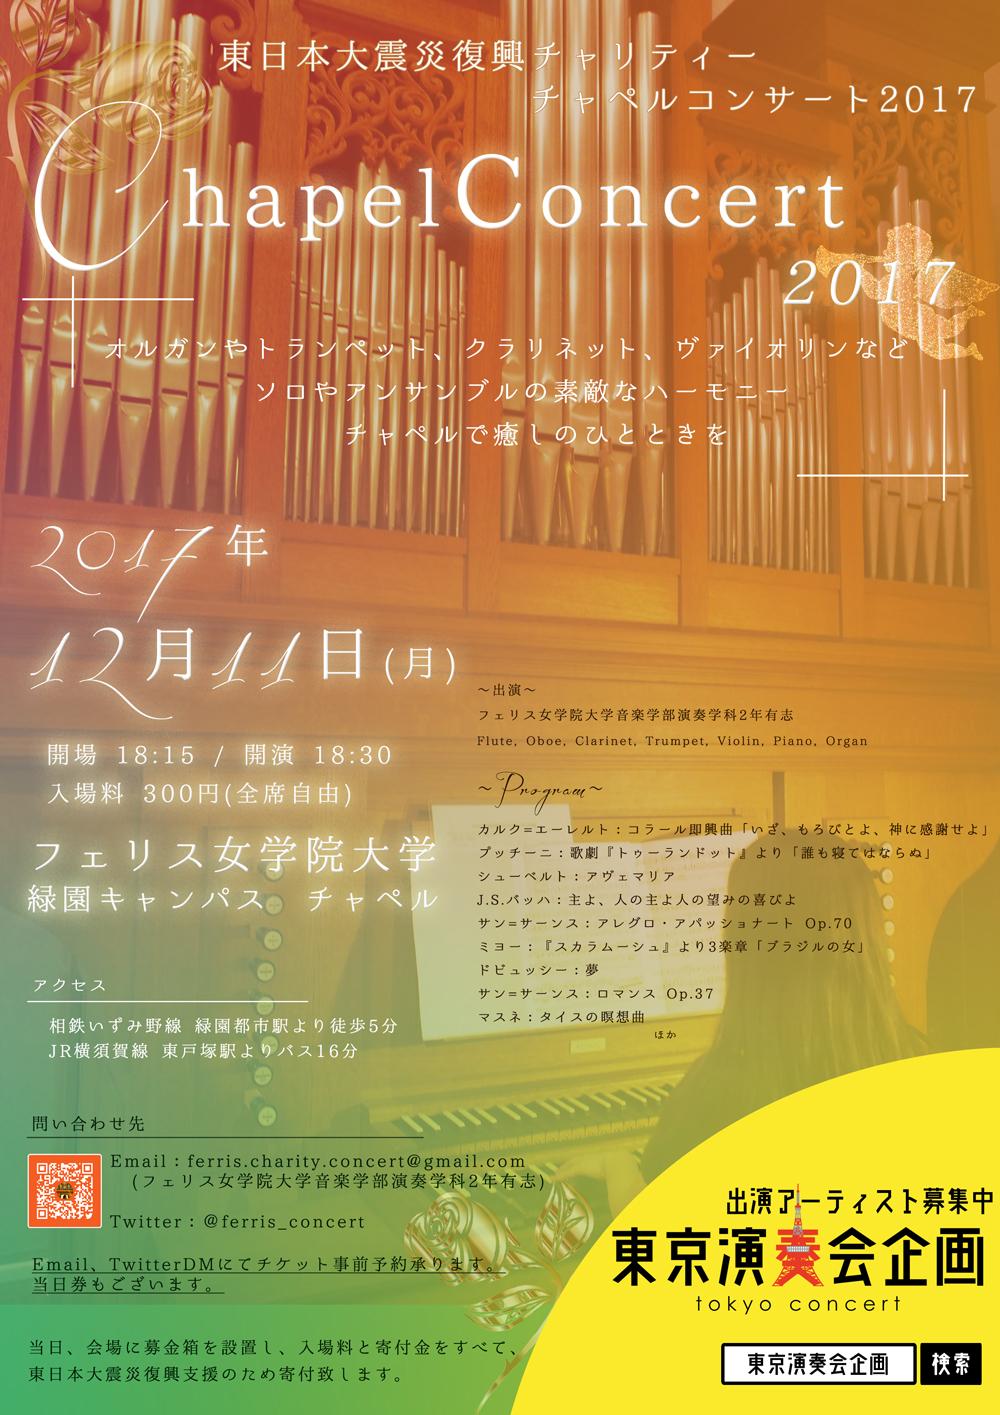 東日本大震災復興チャリティーチャペルコンサート2017